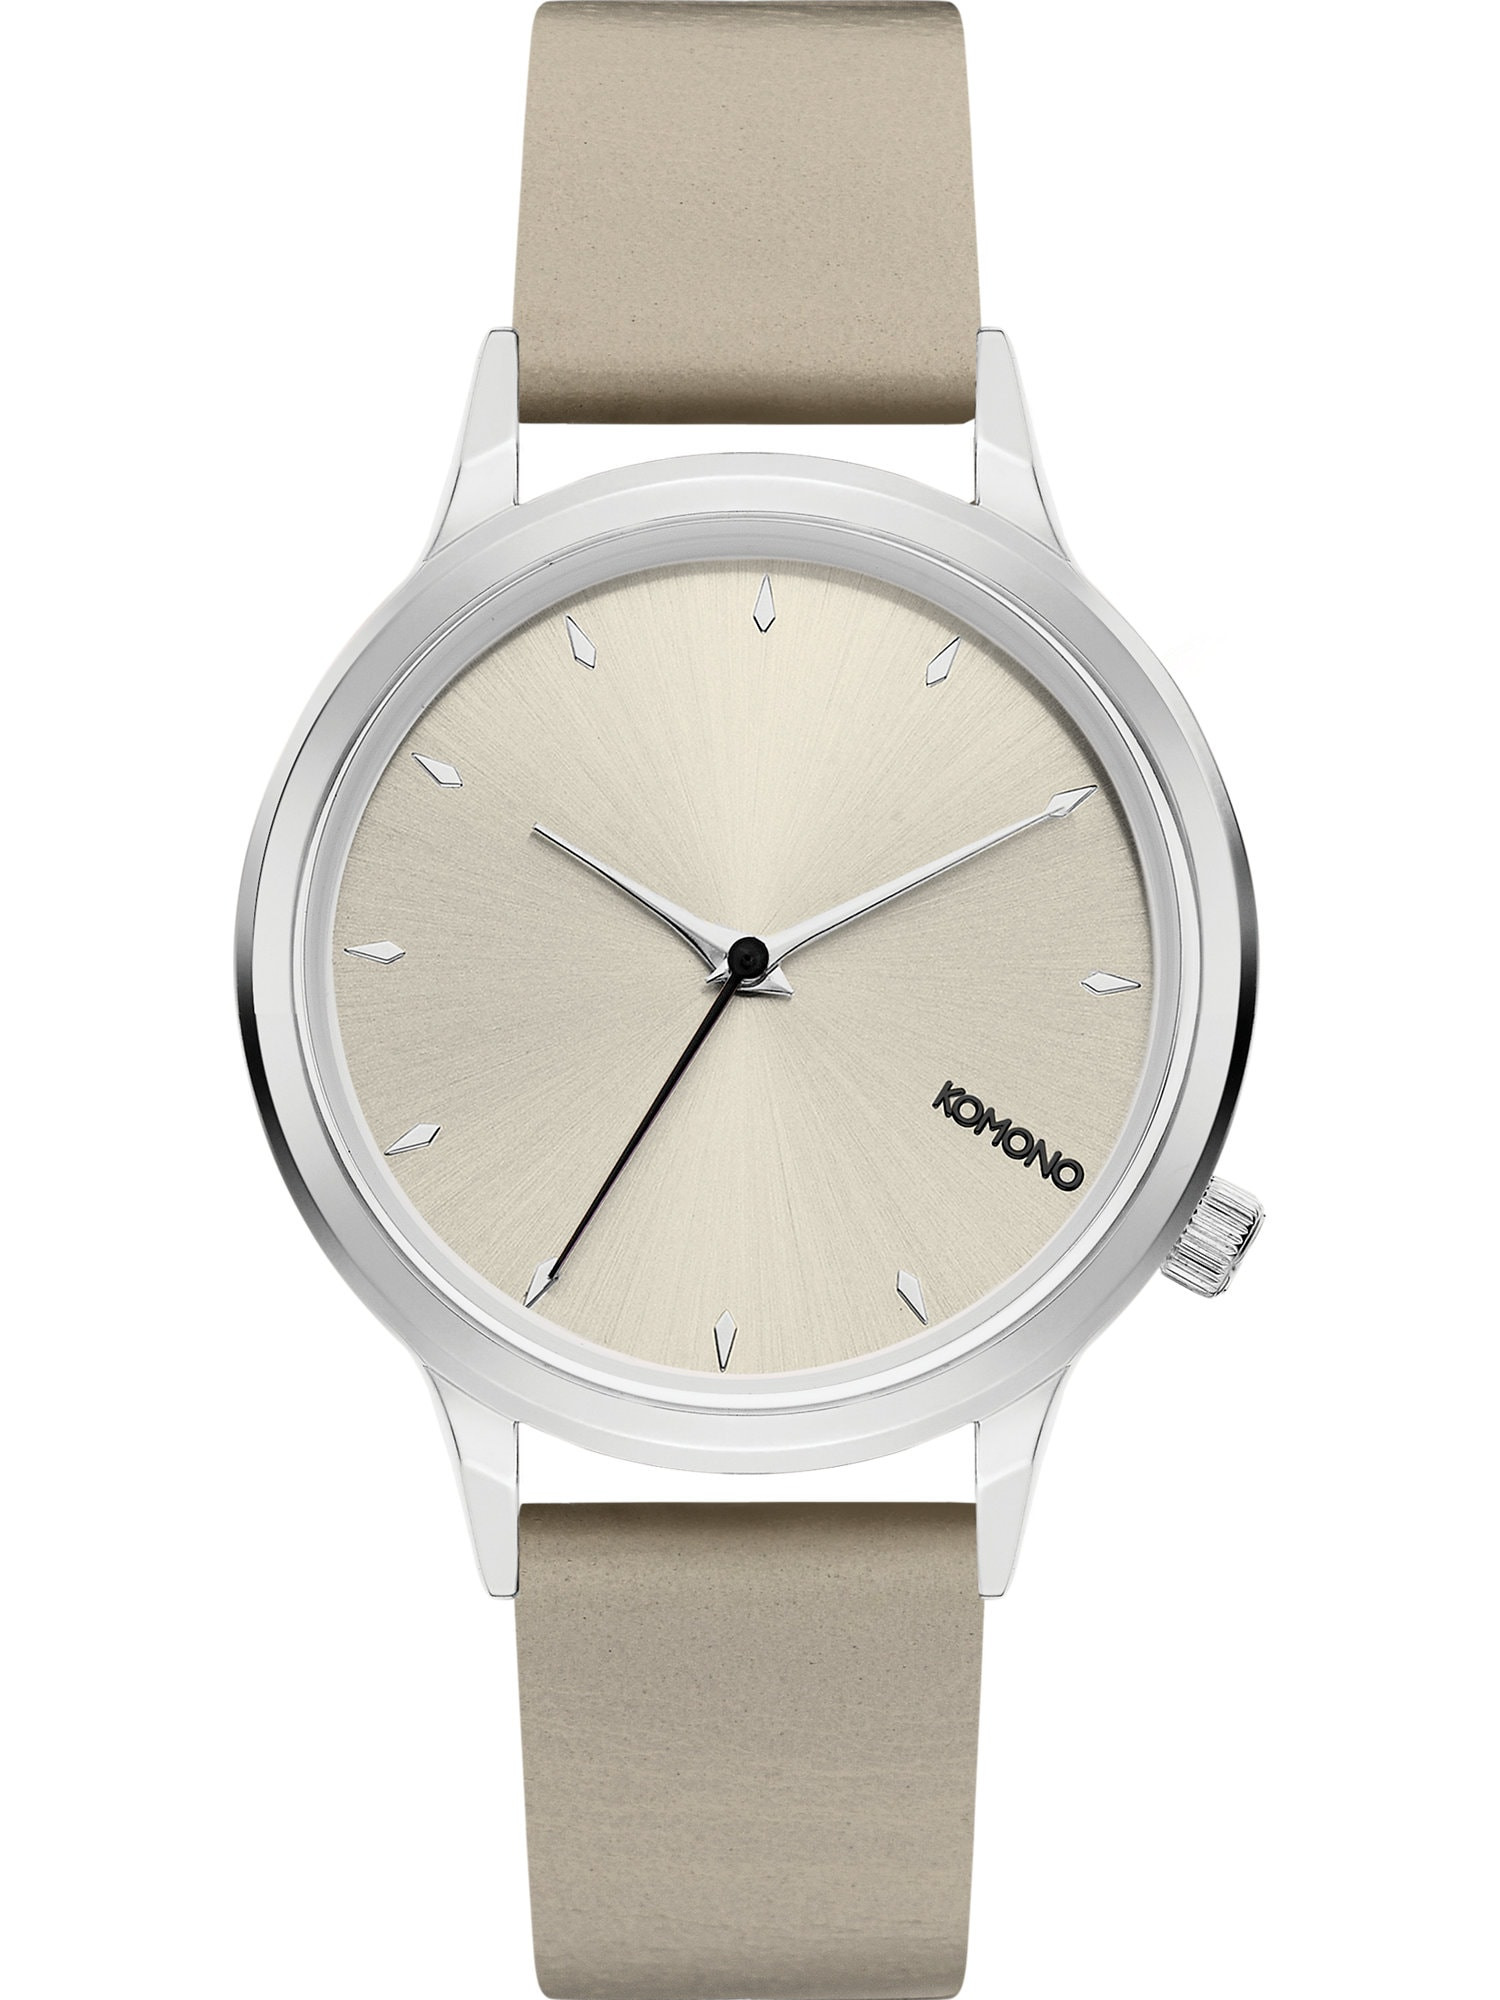 Analogové hodinky Lexi tmavě béžová stříbrná Komono